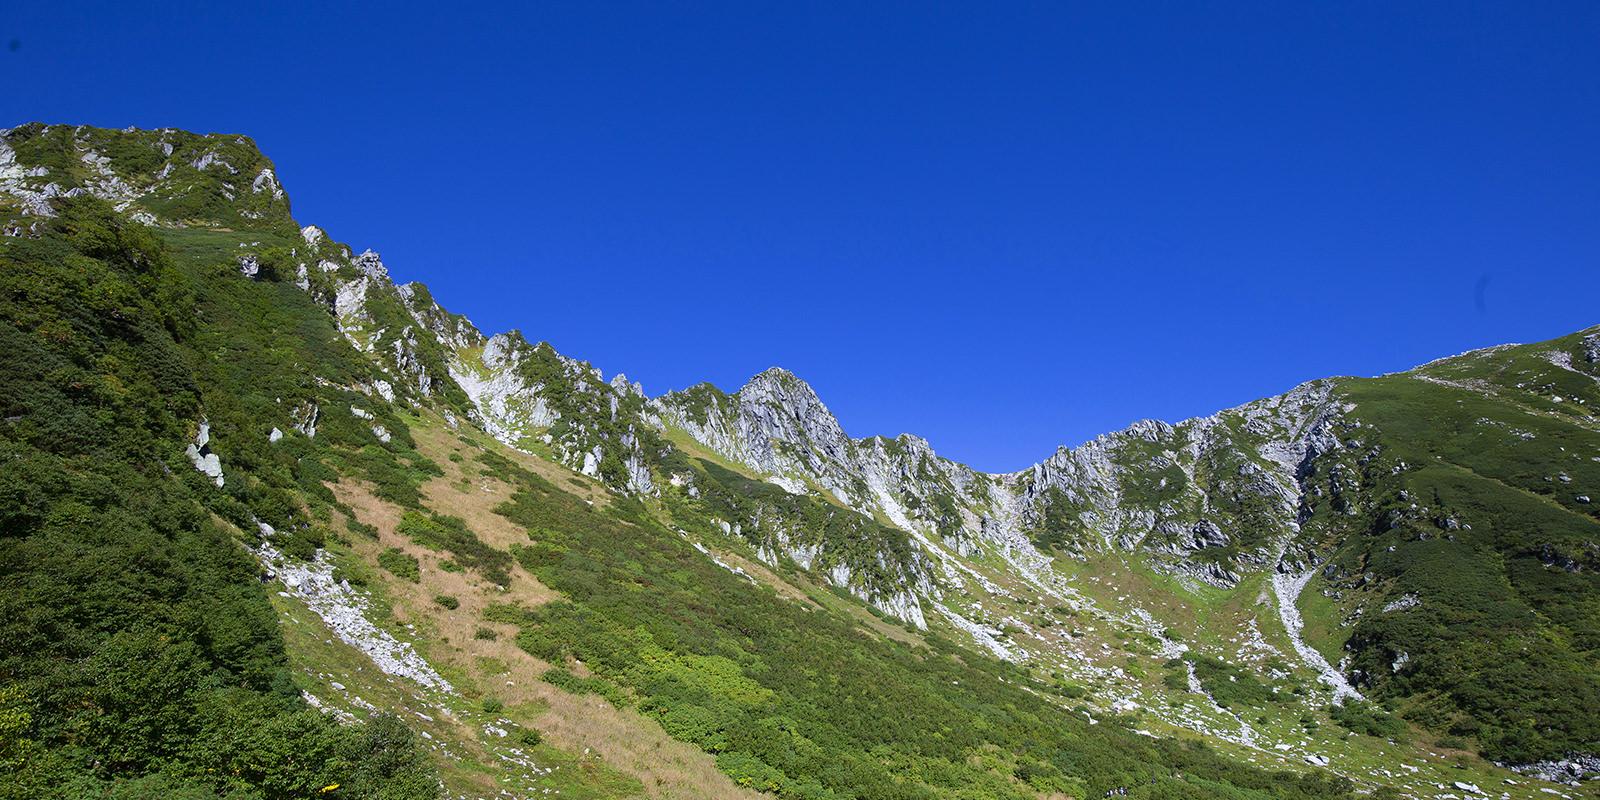 2019 中秋。長野山行⛰朝聖壯麗的千疊敷冰斗&登上中央阿爾卑斯山最高峰木曾駒岳